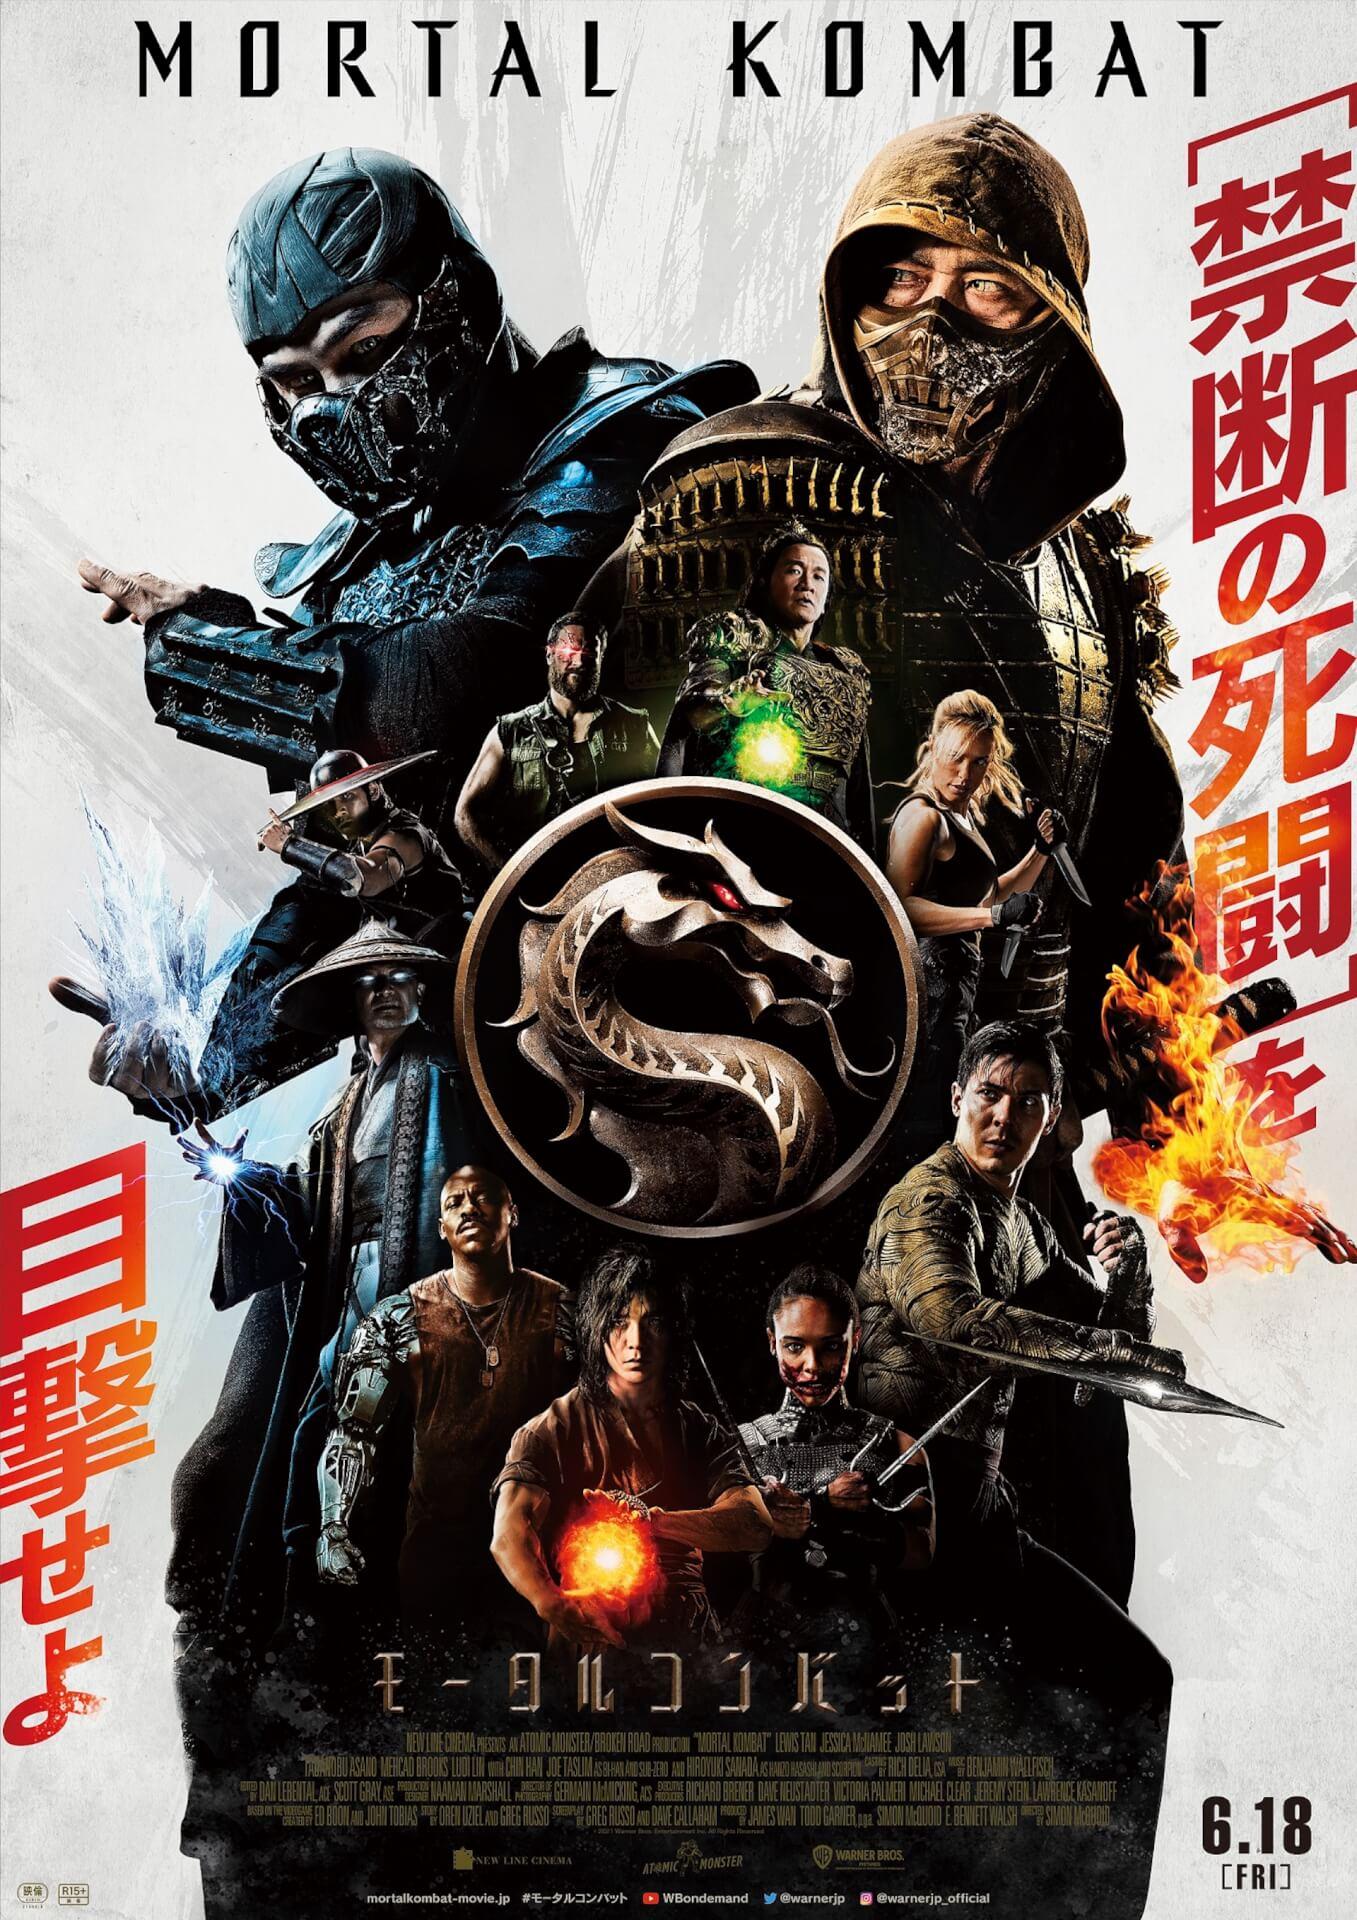 グロすぎるゲームの実写化映画がついに日本で解禁!映画『モータルコンバット』の本ポスター&本予告映像が公開 film210428_mortalcombat_main